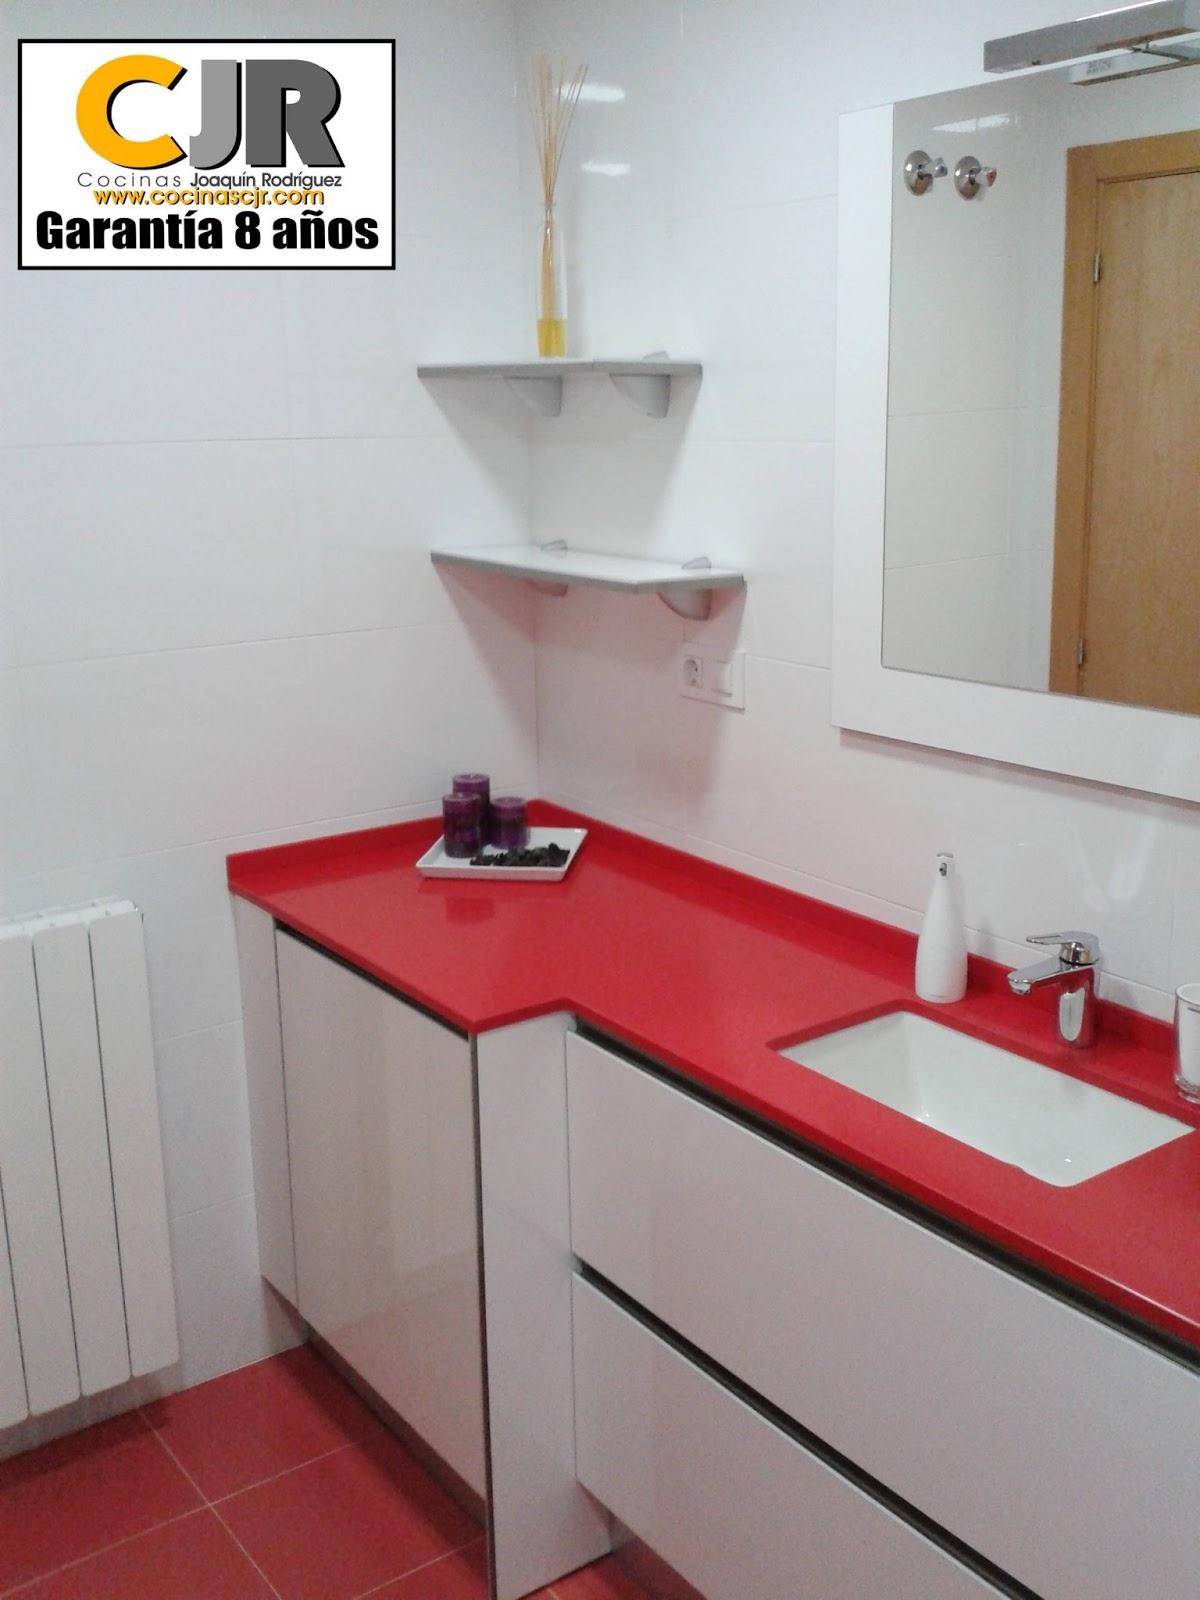 Reforma completa ba o cocinas cjr - Instalar lavadora en bano ...